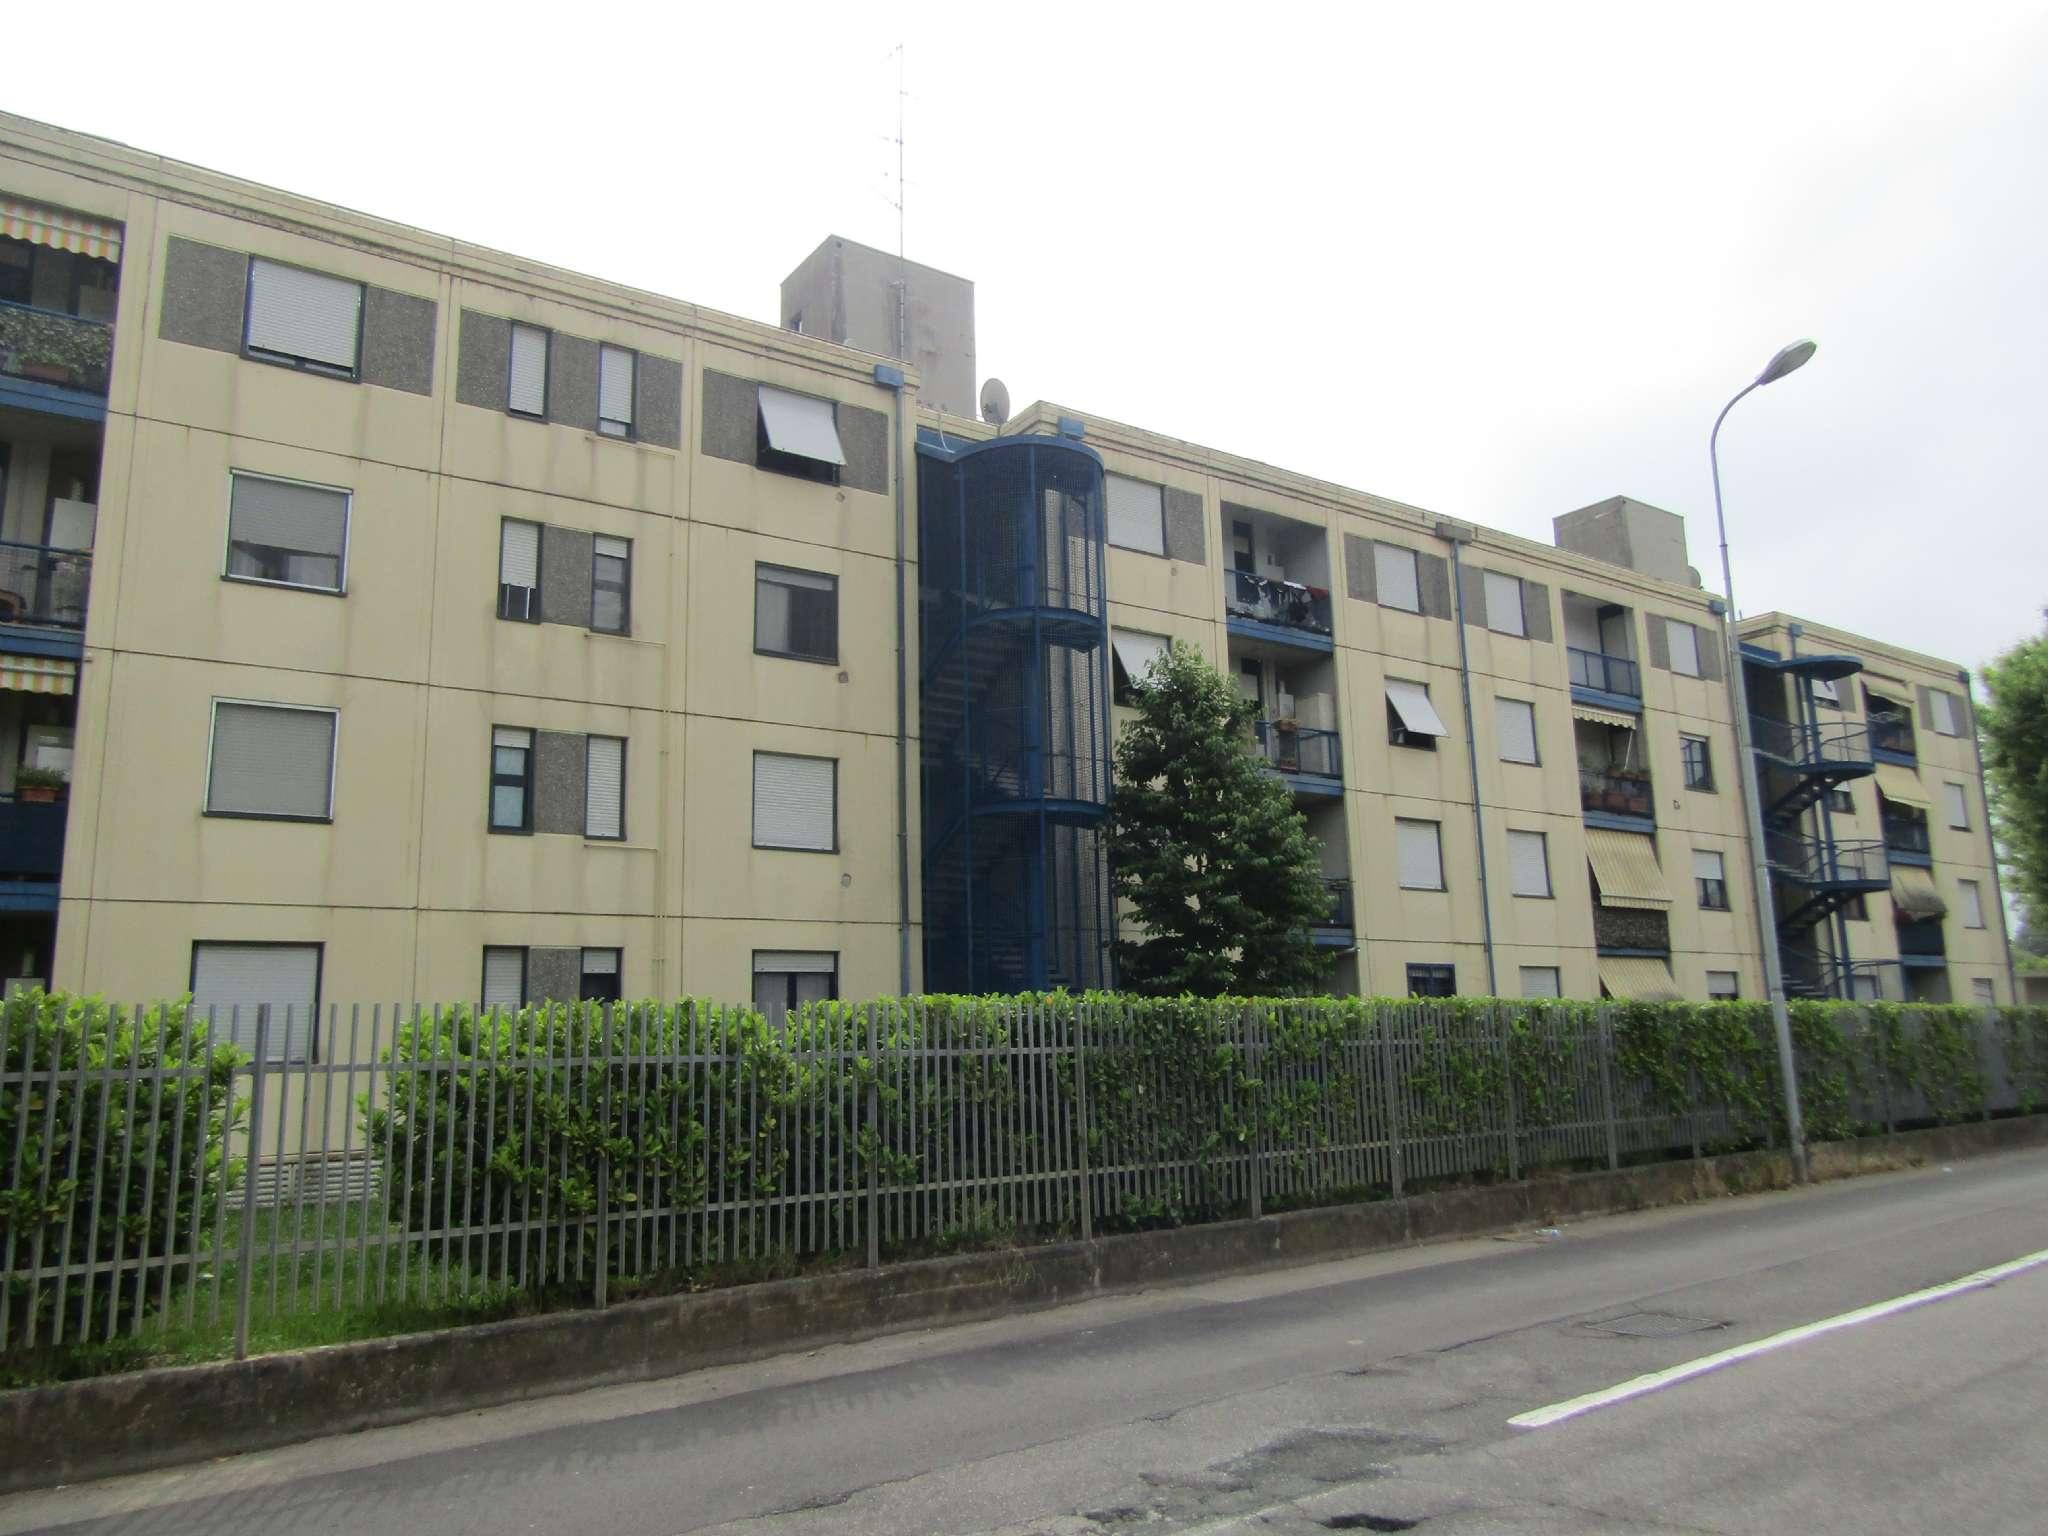 Appartamento in vendita a Lentate sul Seveso, 3 locali, prezzo € 85.000 | PortaleAgenzieImmobiliari.it